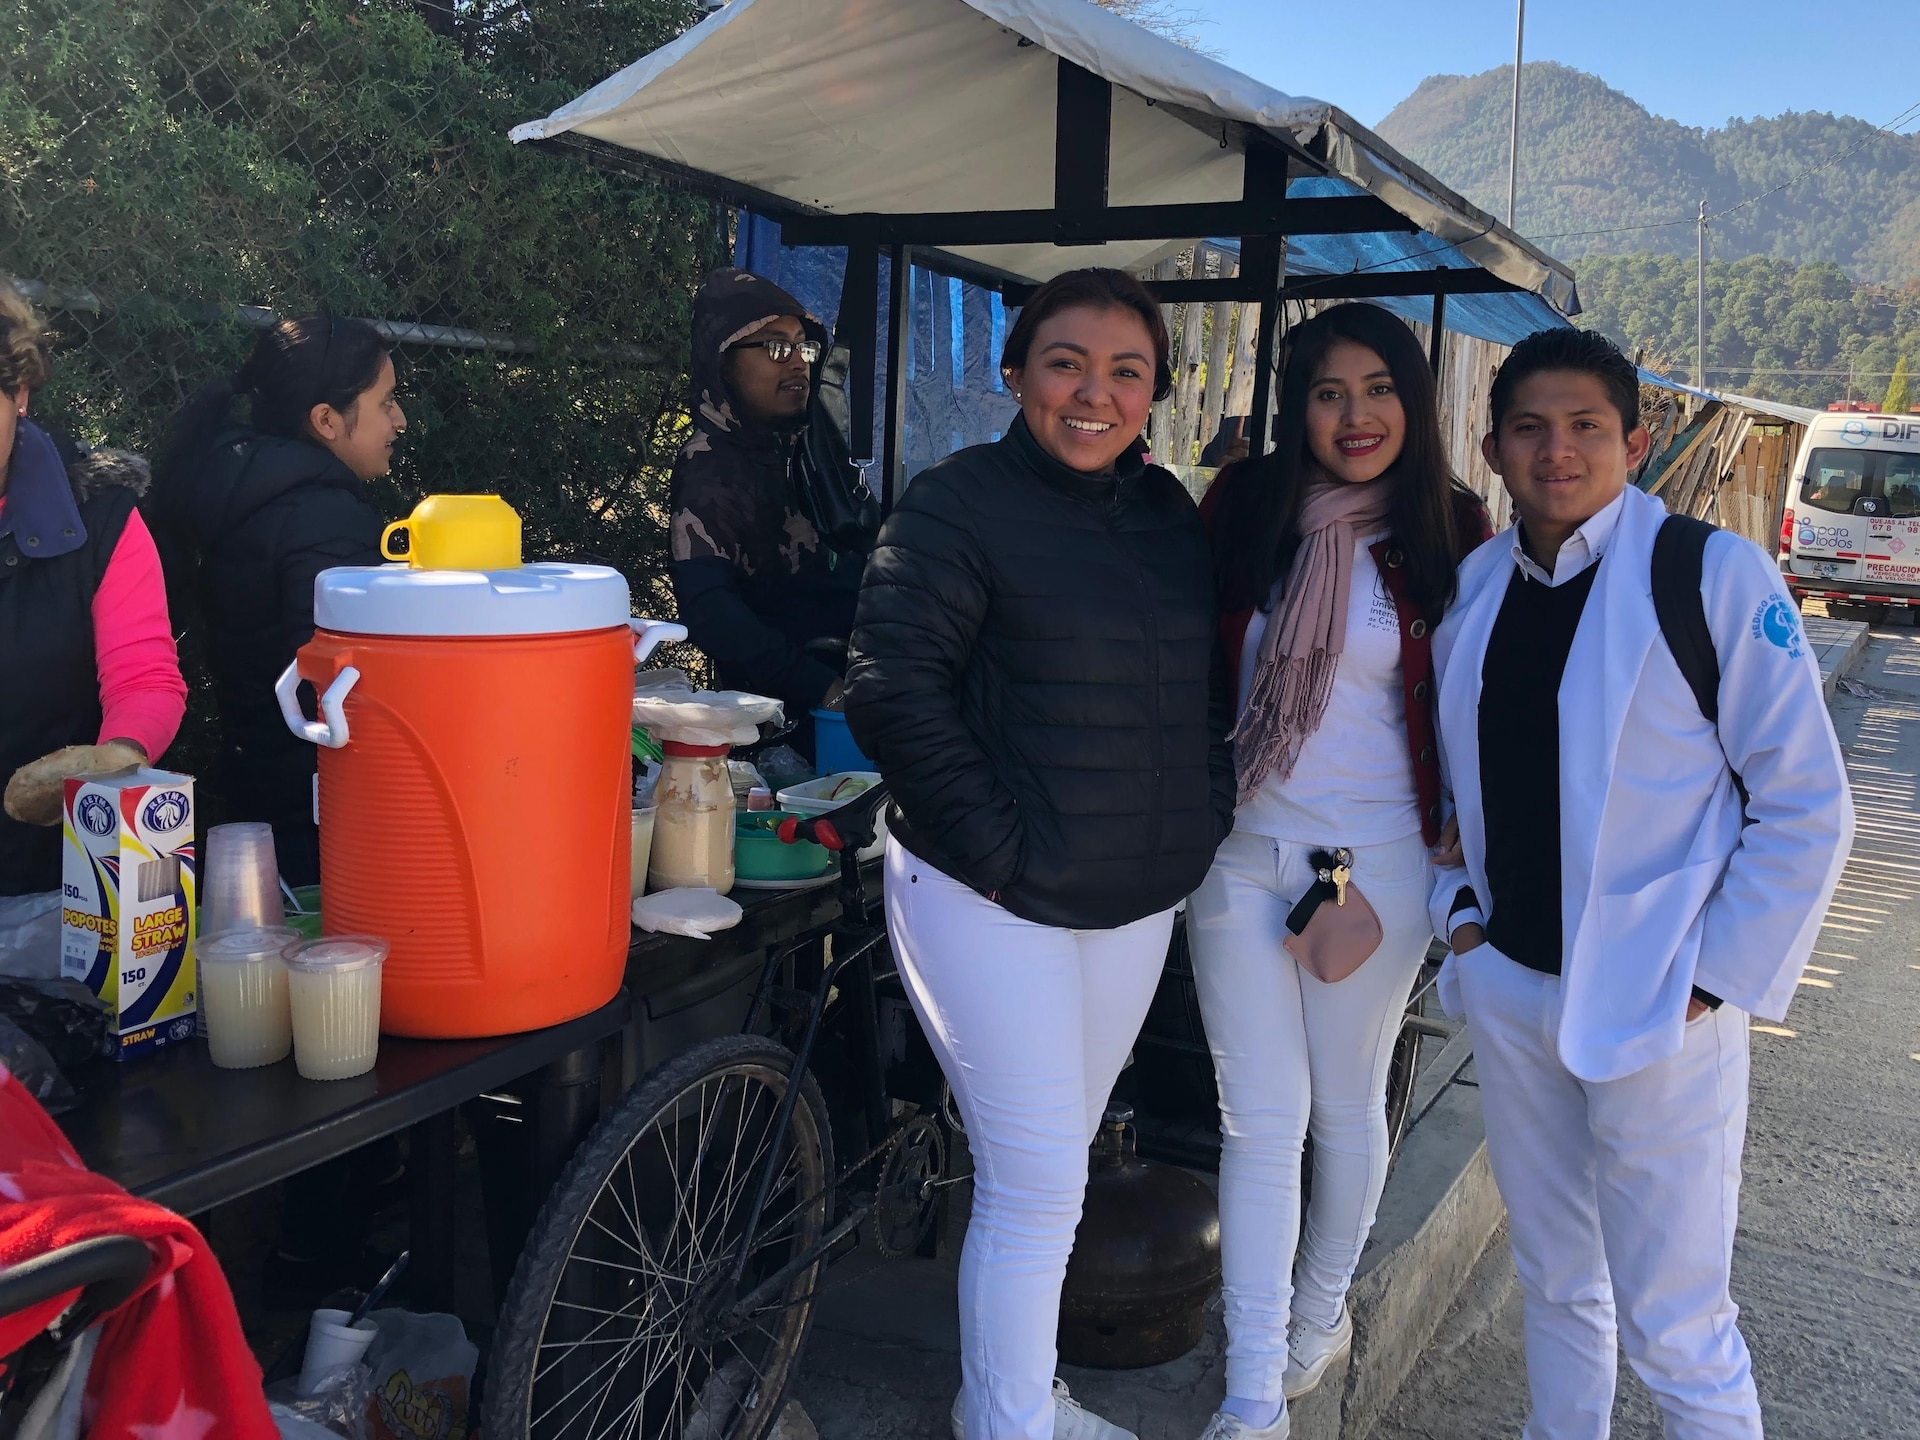 Les deux jeunes filles accompagnées d'un garçon sont devant un étal de nourriture.